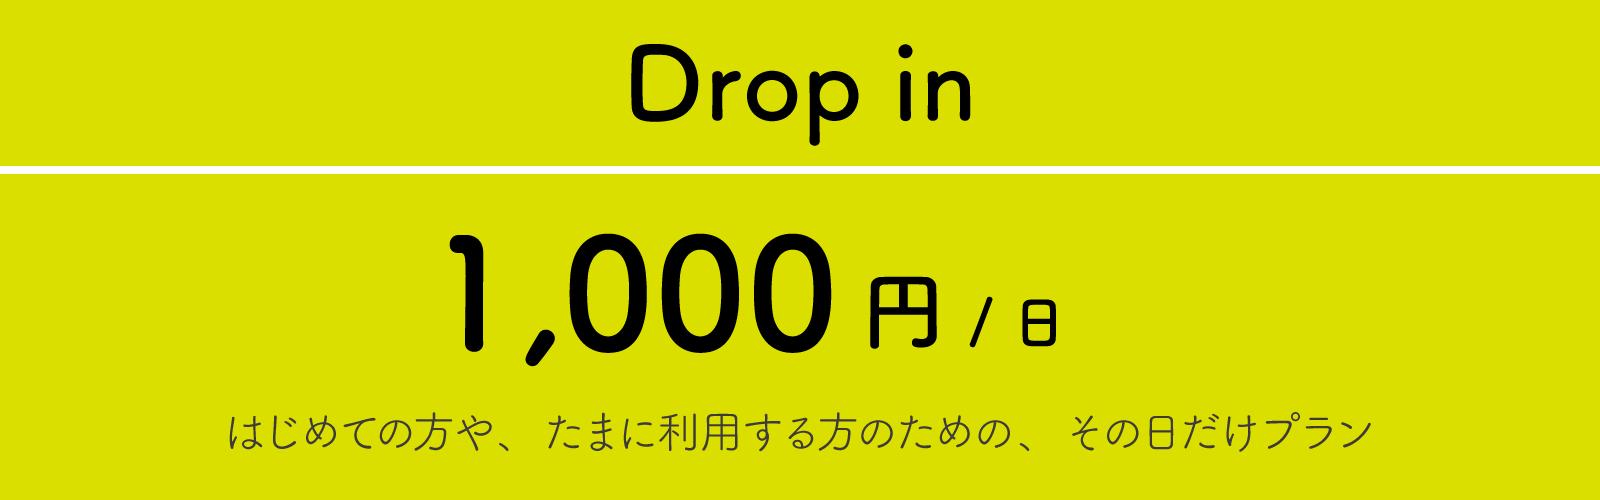 01_Dropin.png